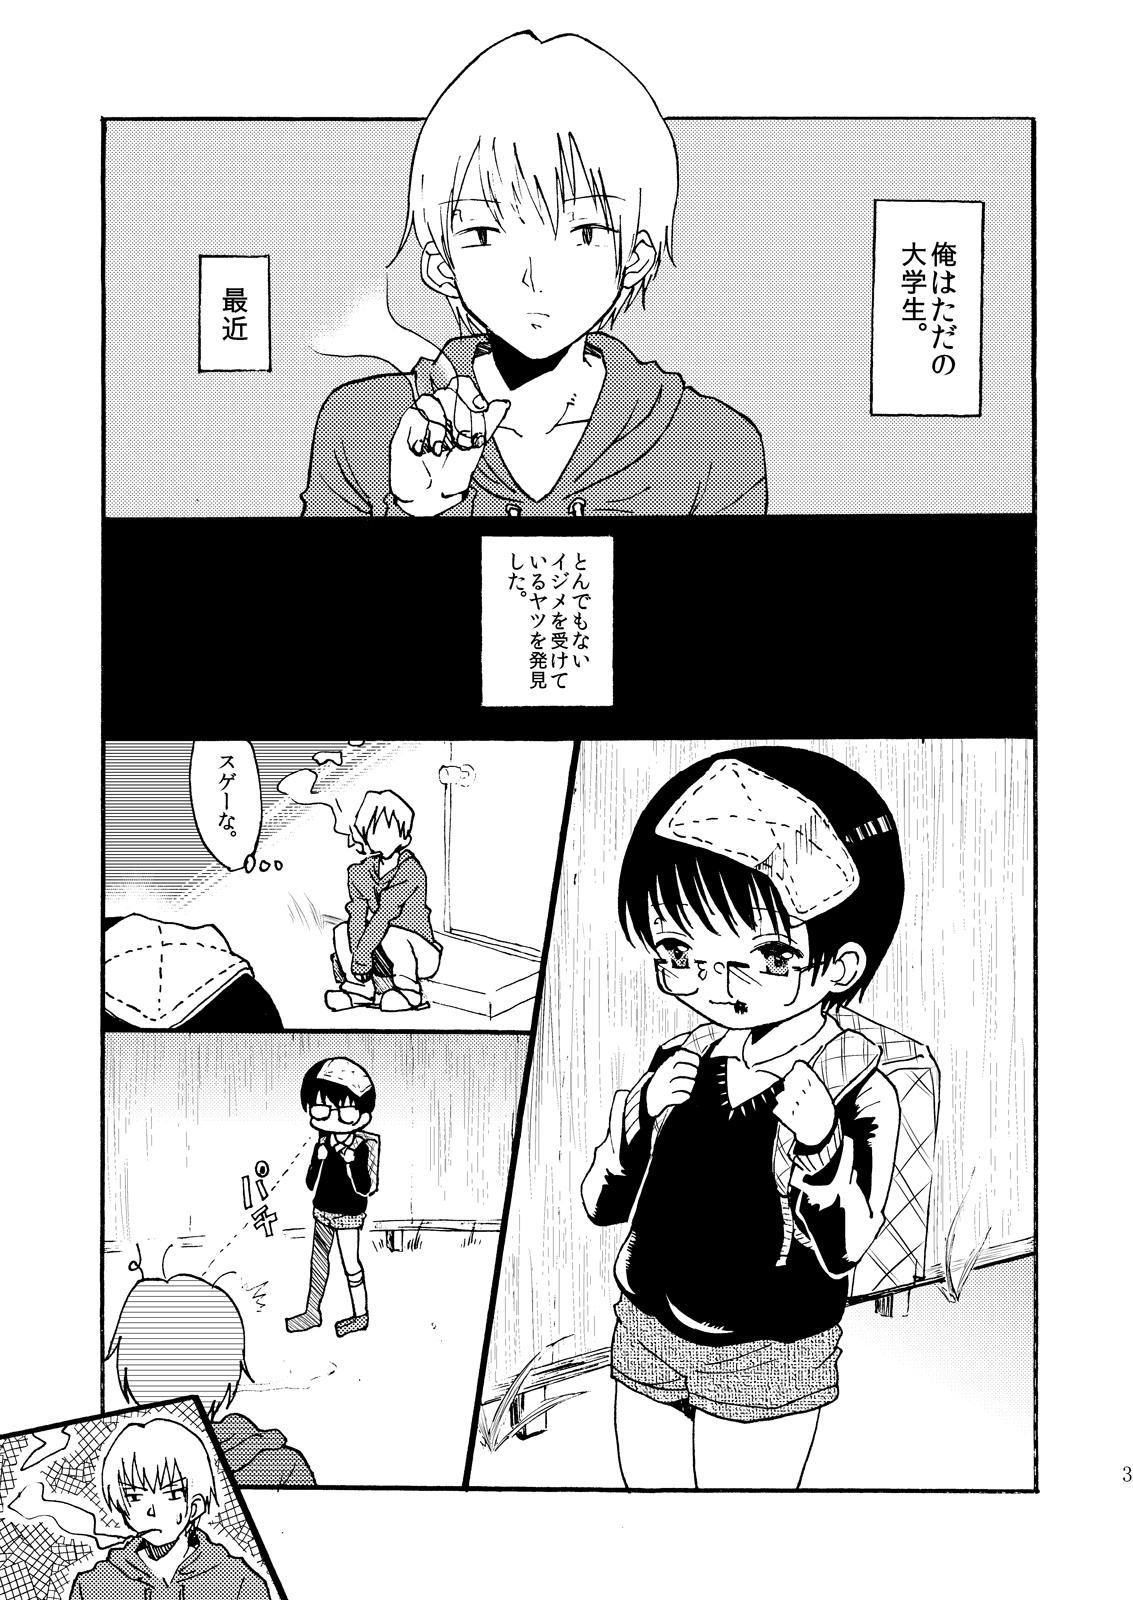 Yuugure Doki no ♂ Gakusei 1